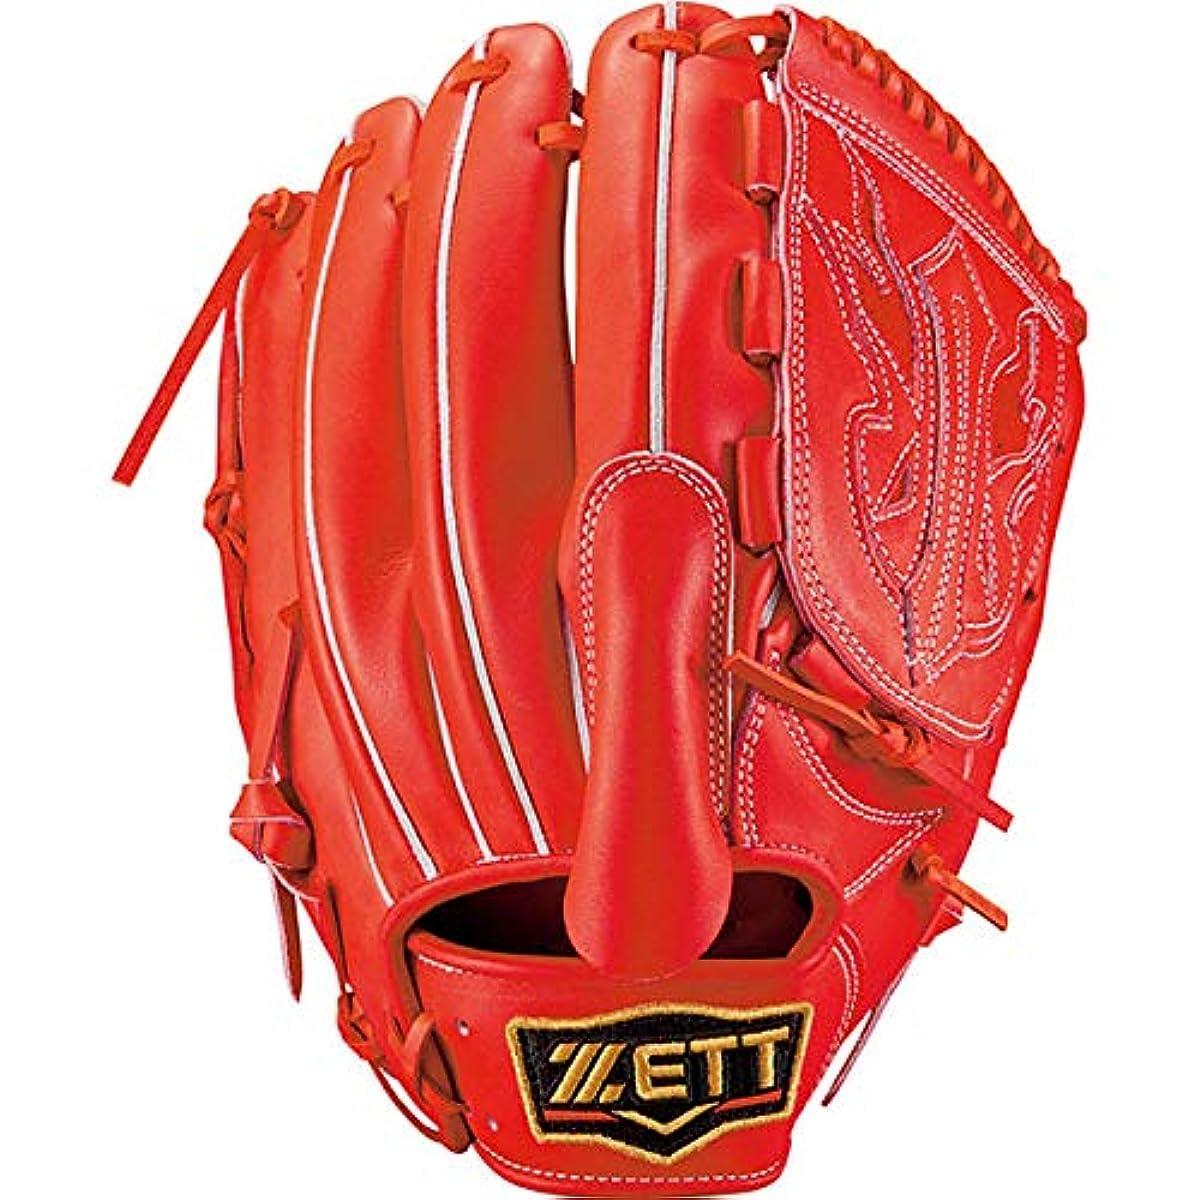 [해외] 제트ZETT 경식 야구 글러브 글러브 프로 스테이터스 pitcher용 오른쪽 던지기용/좌투용 사이즈:6 일본제 BPROG610